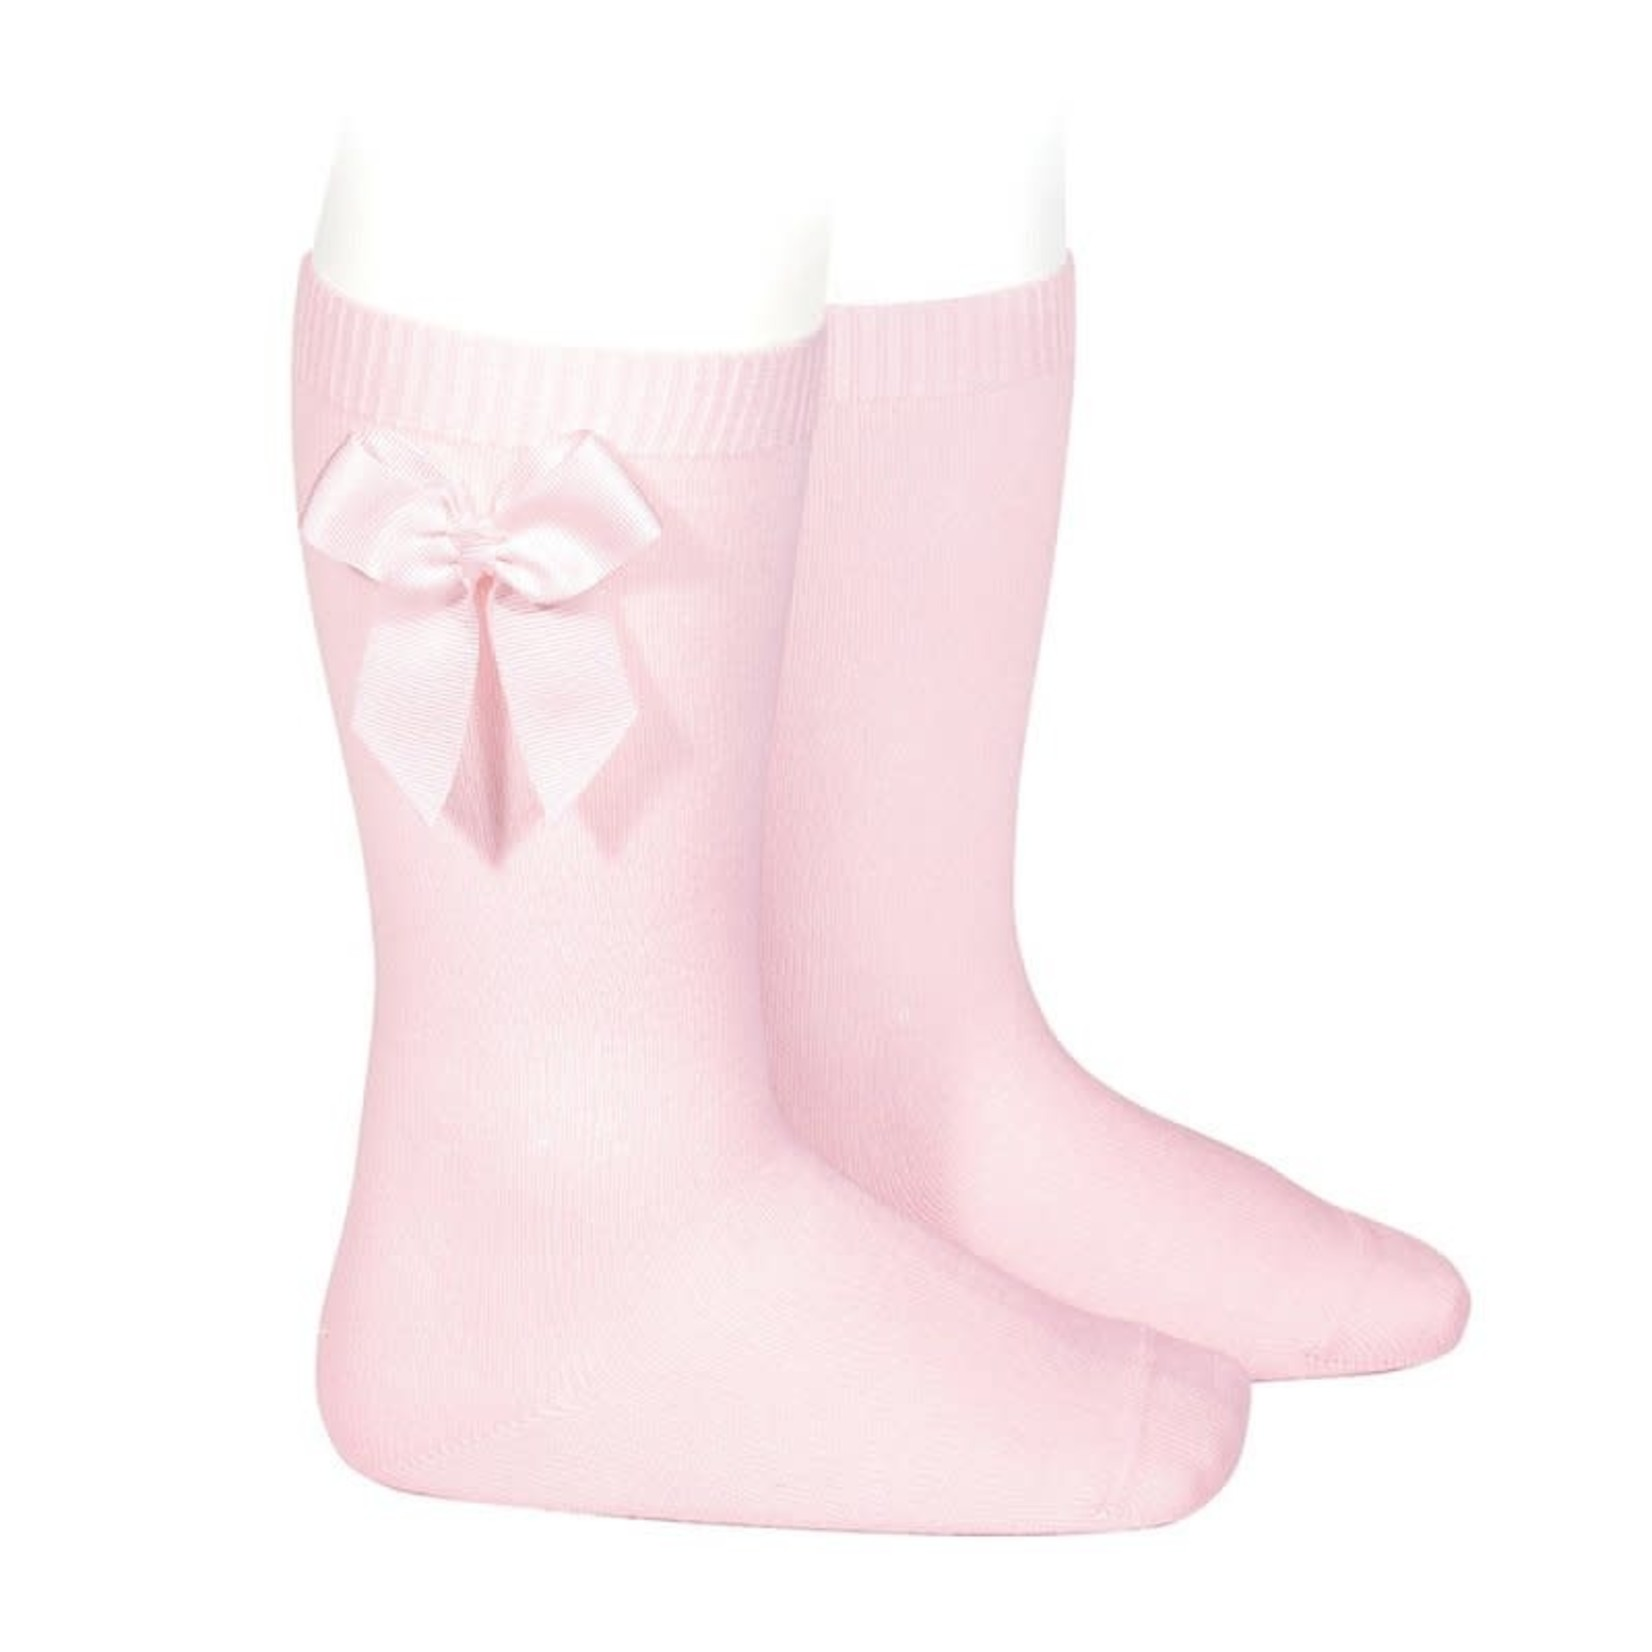 Condor Condor Socks - Pink